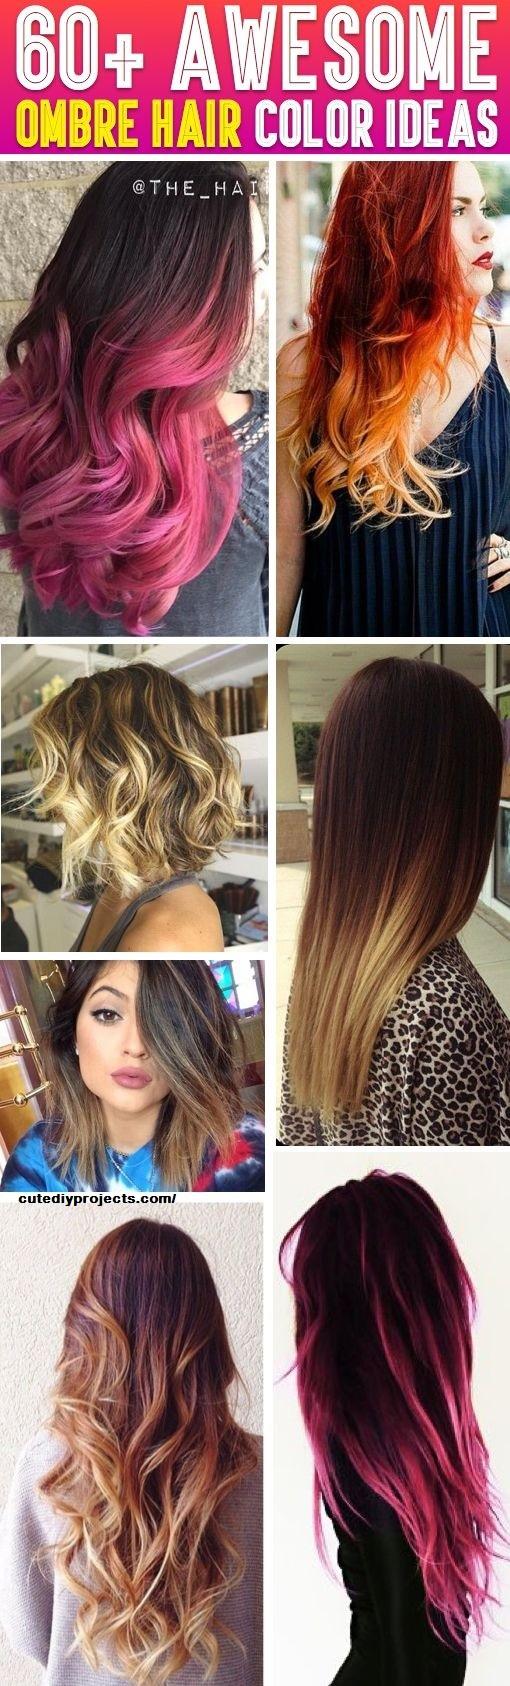 couleur-cheveux-top-4